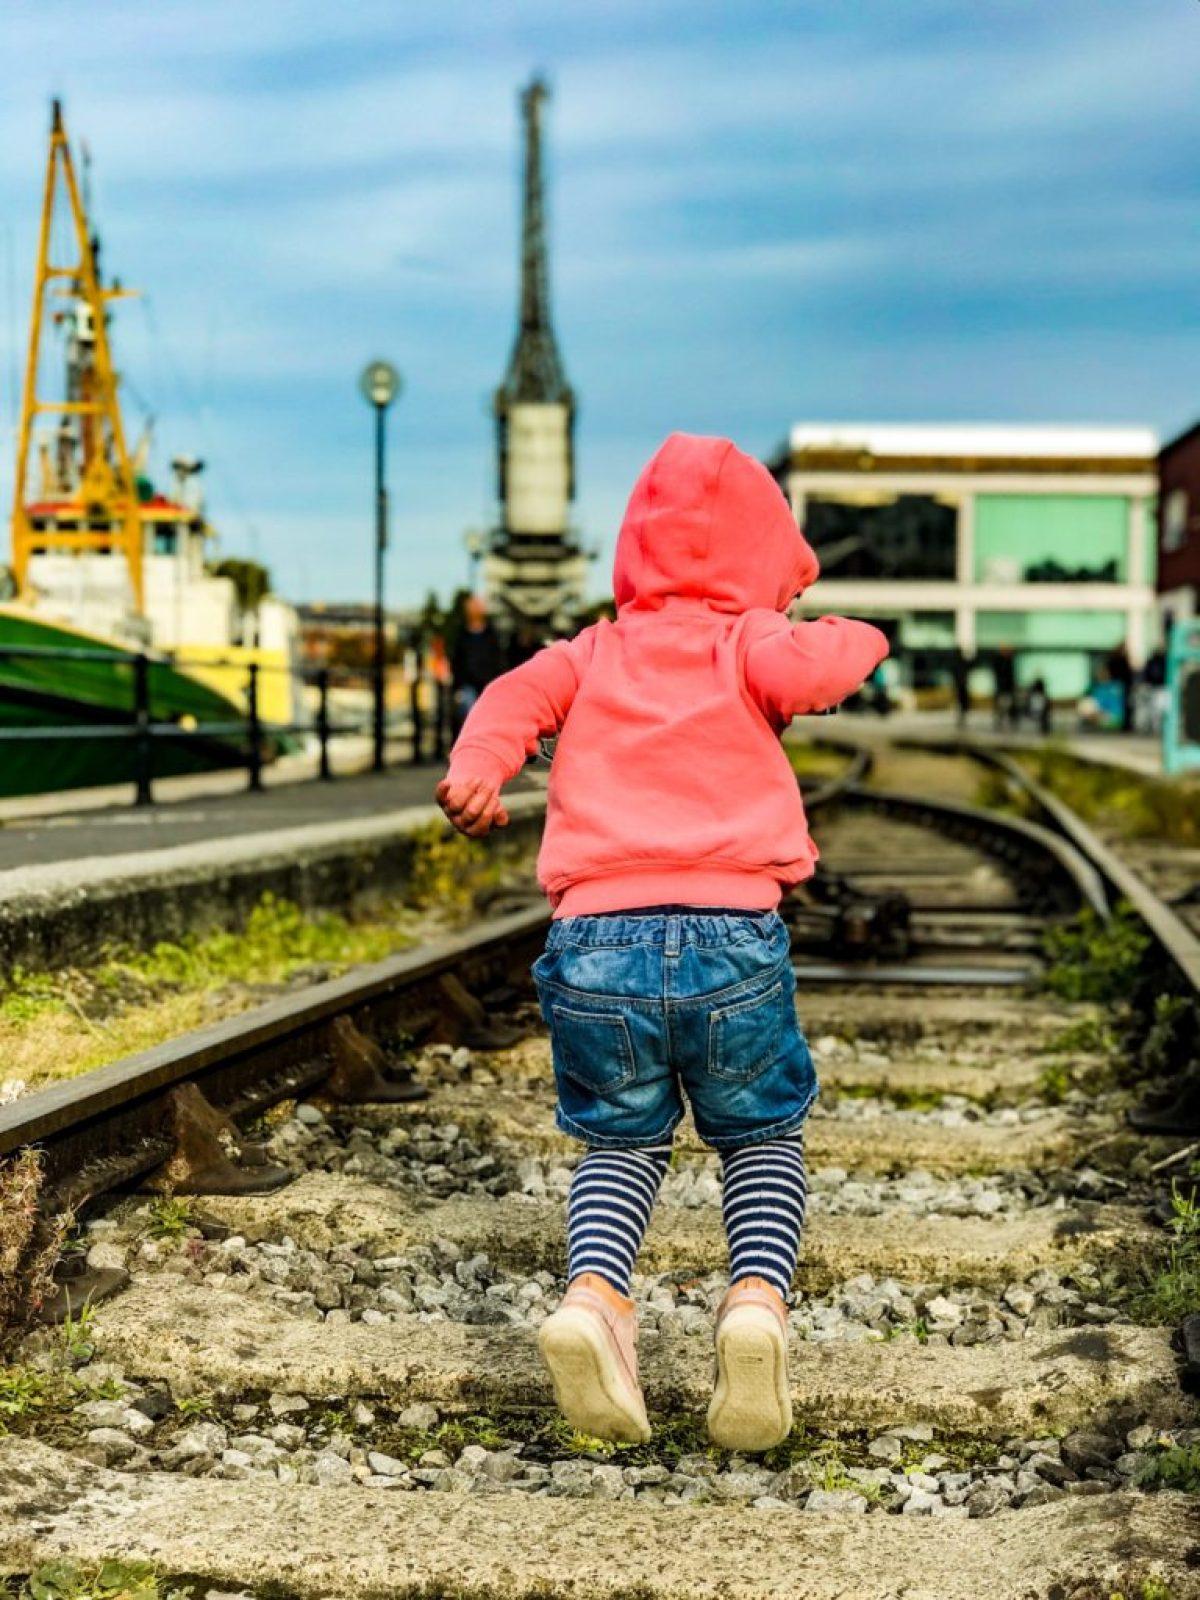 M Shed Bristol Harbourside rail tracks